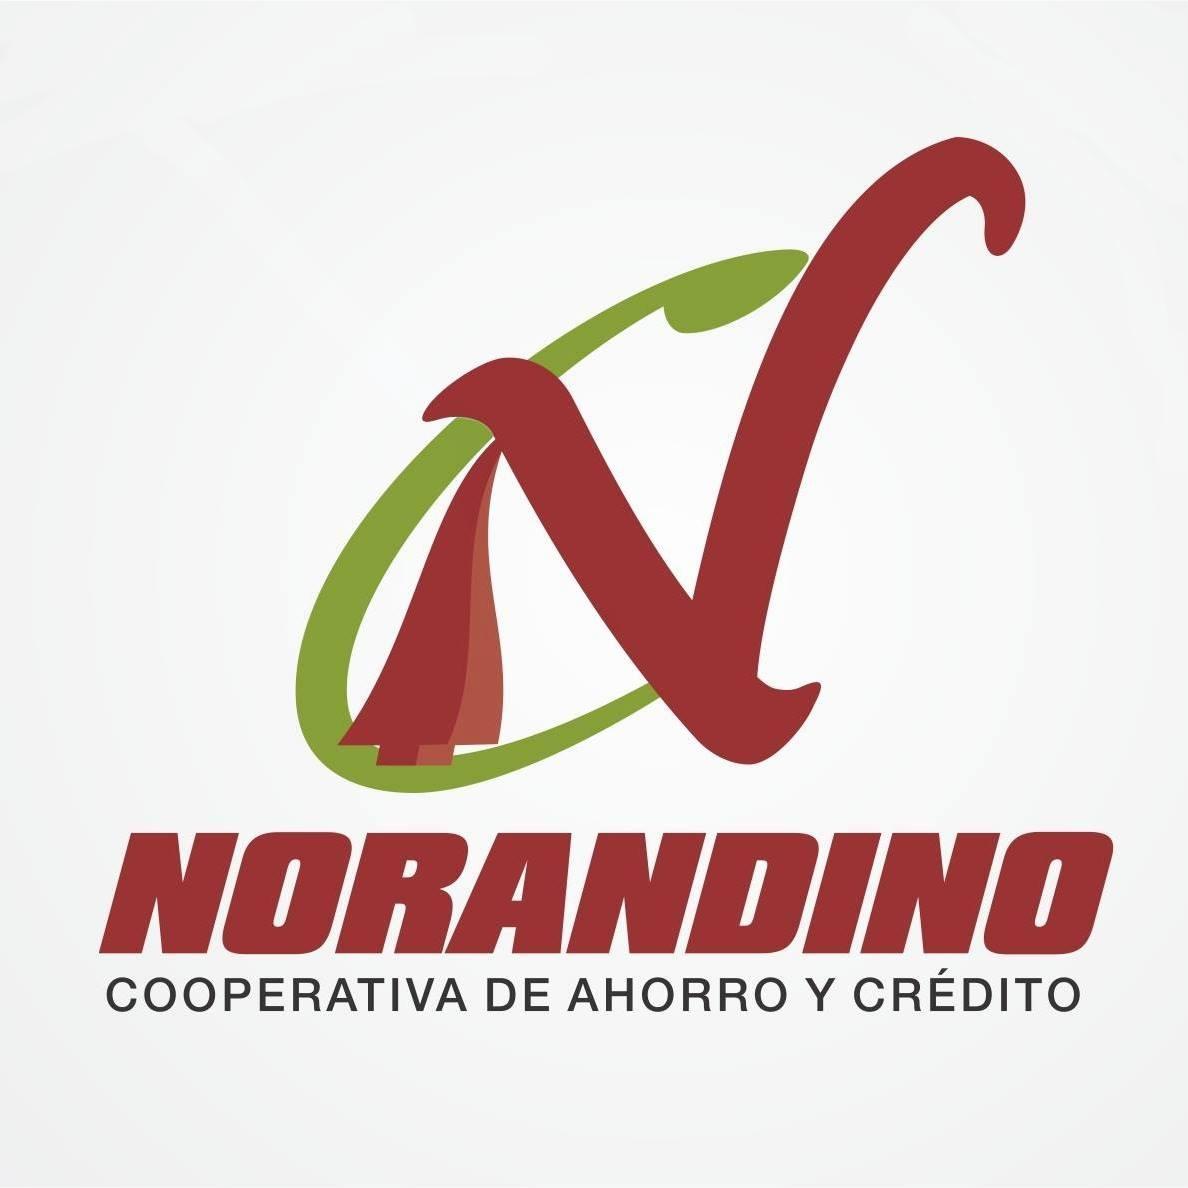 Norandino logo 1.jpg